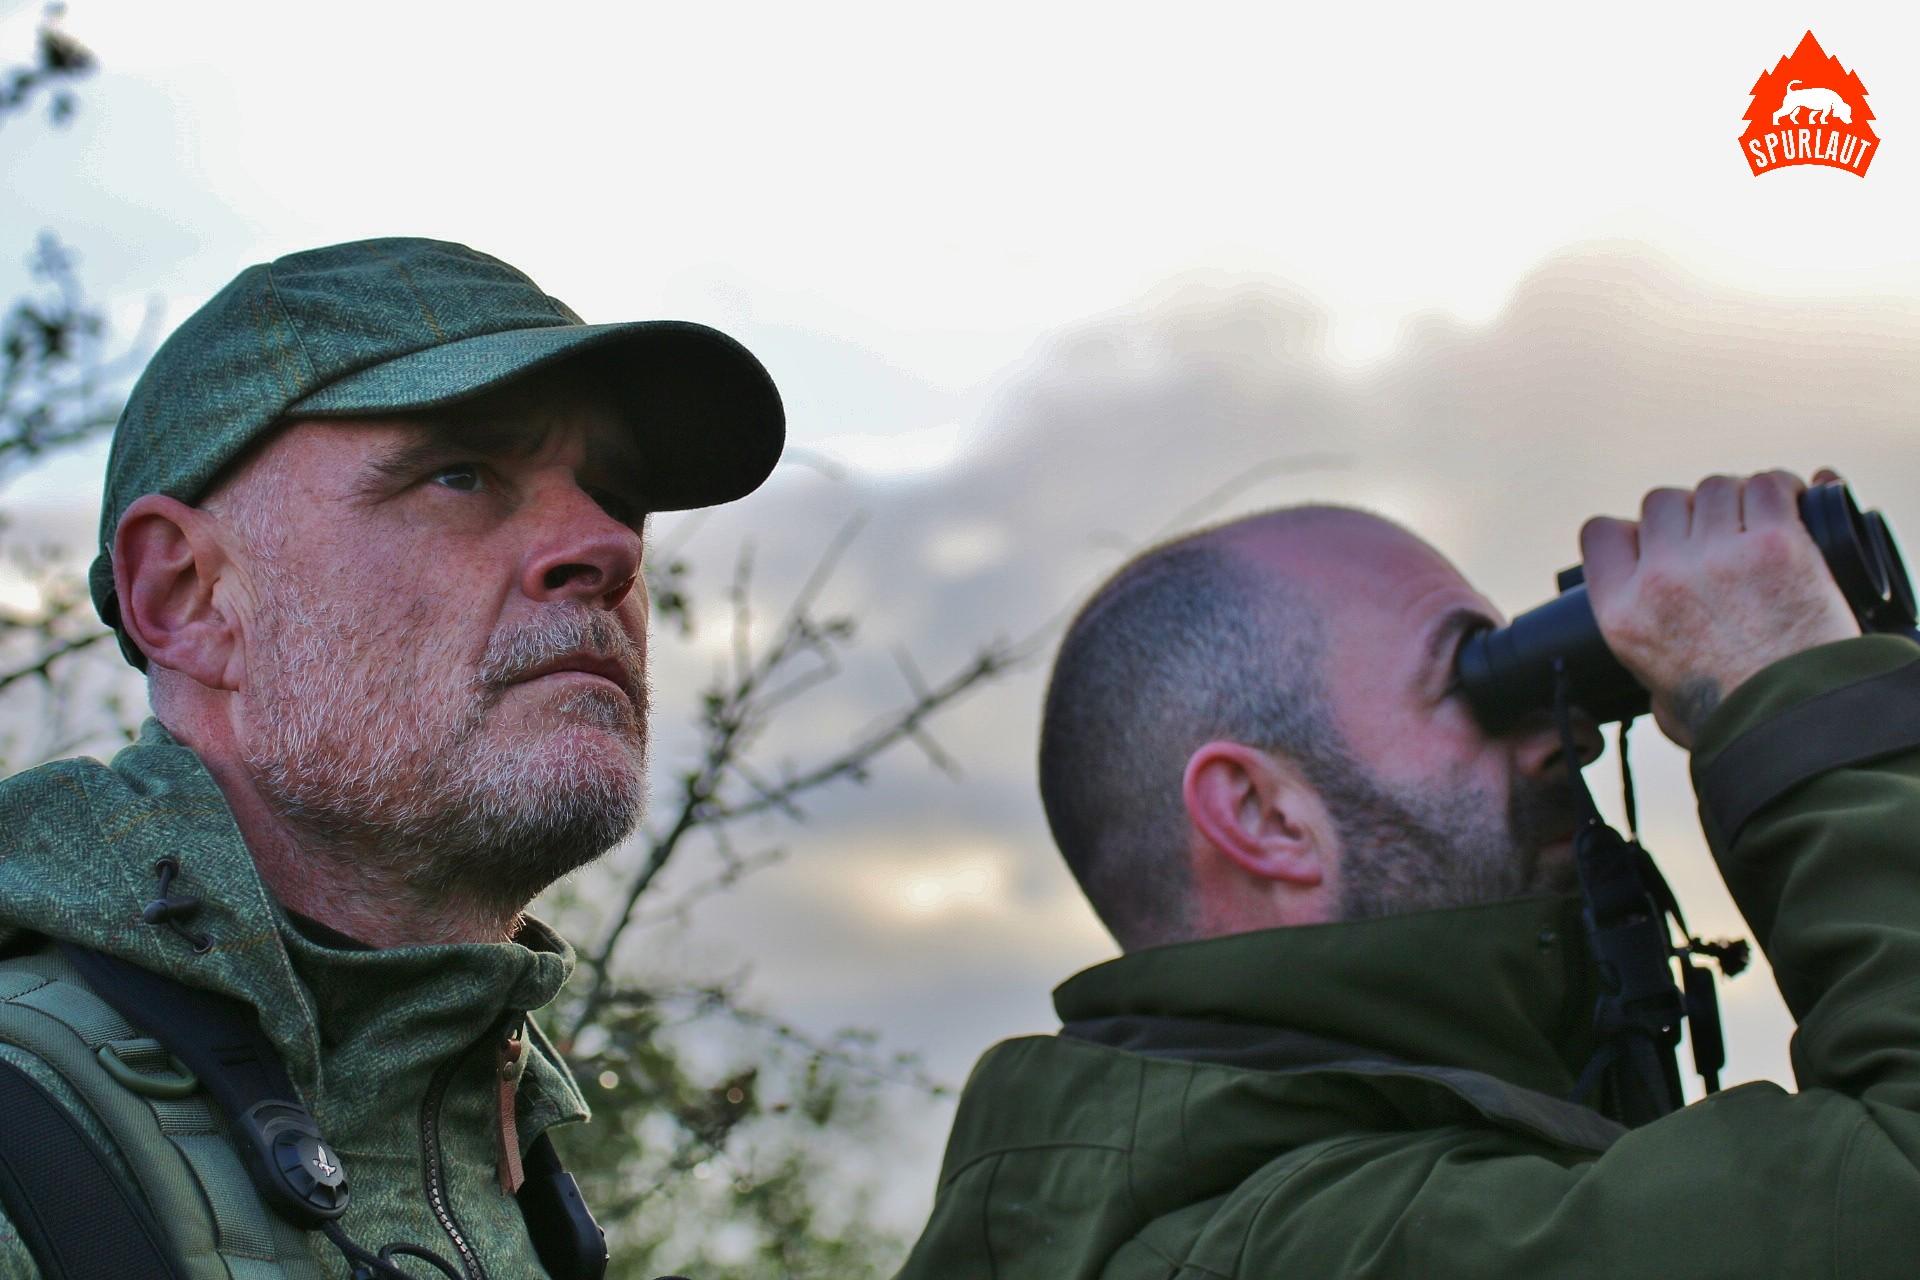 Norman gibt sich Mühe Wild zu finden